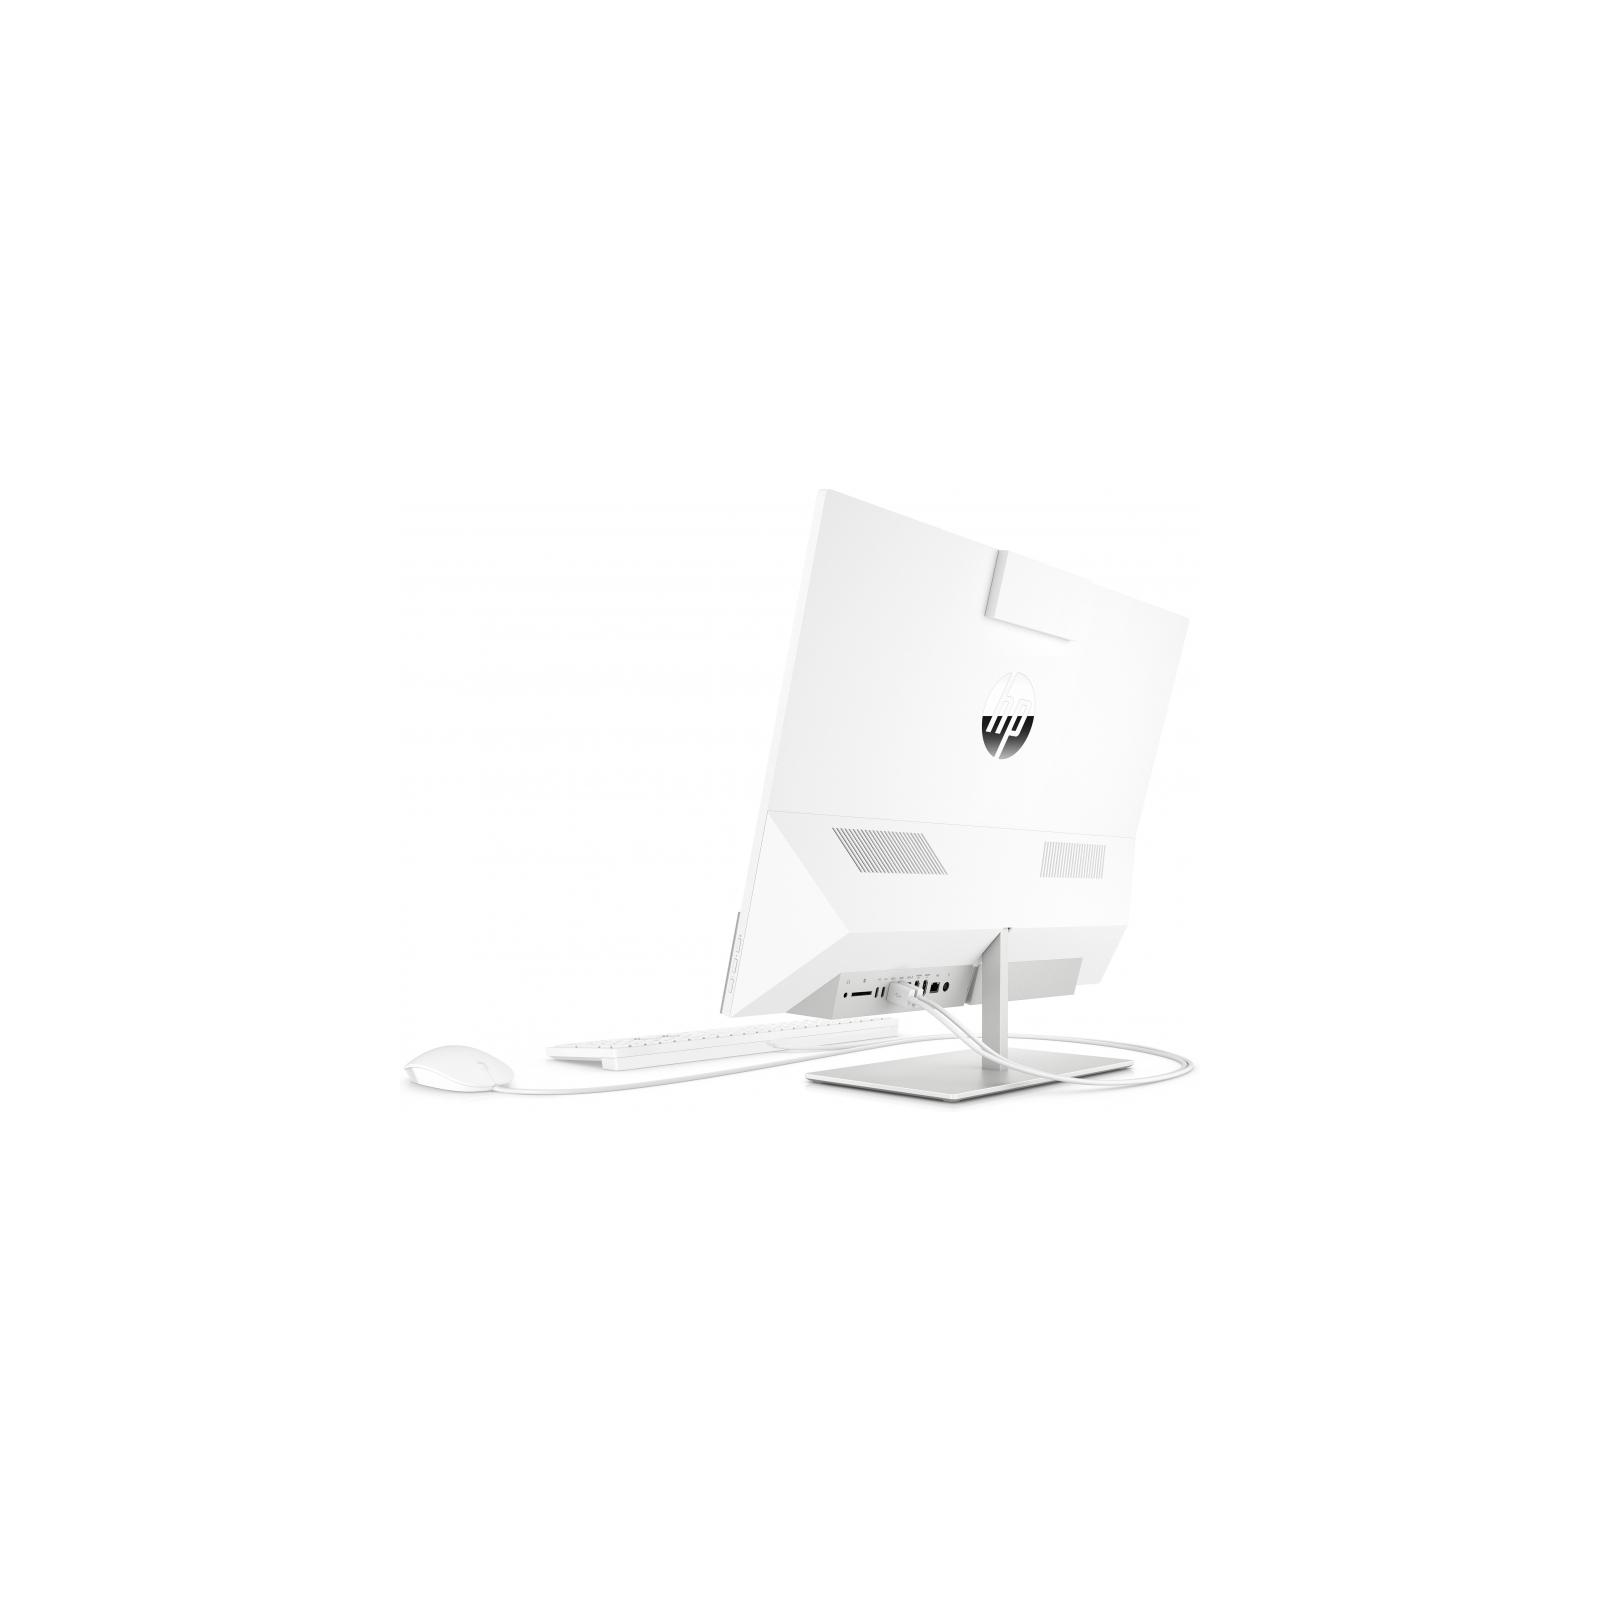 Компьютер HP Pavilion / i7-9700T (7JU12EA) изображение 4